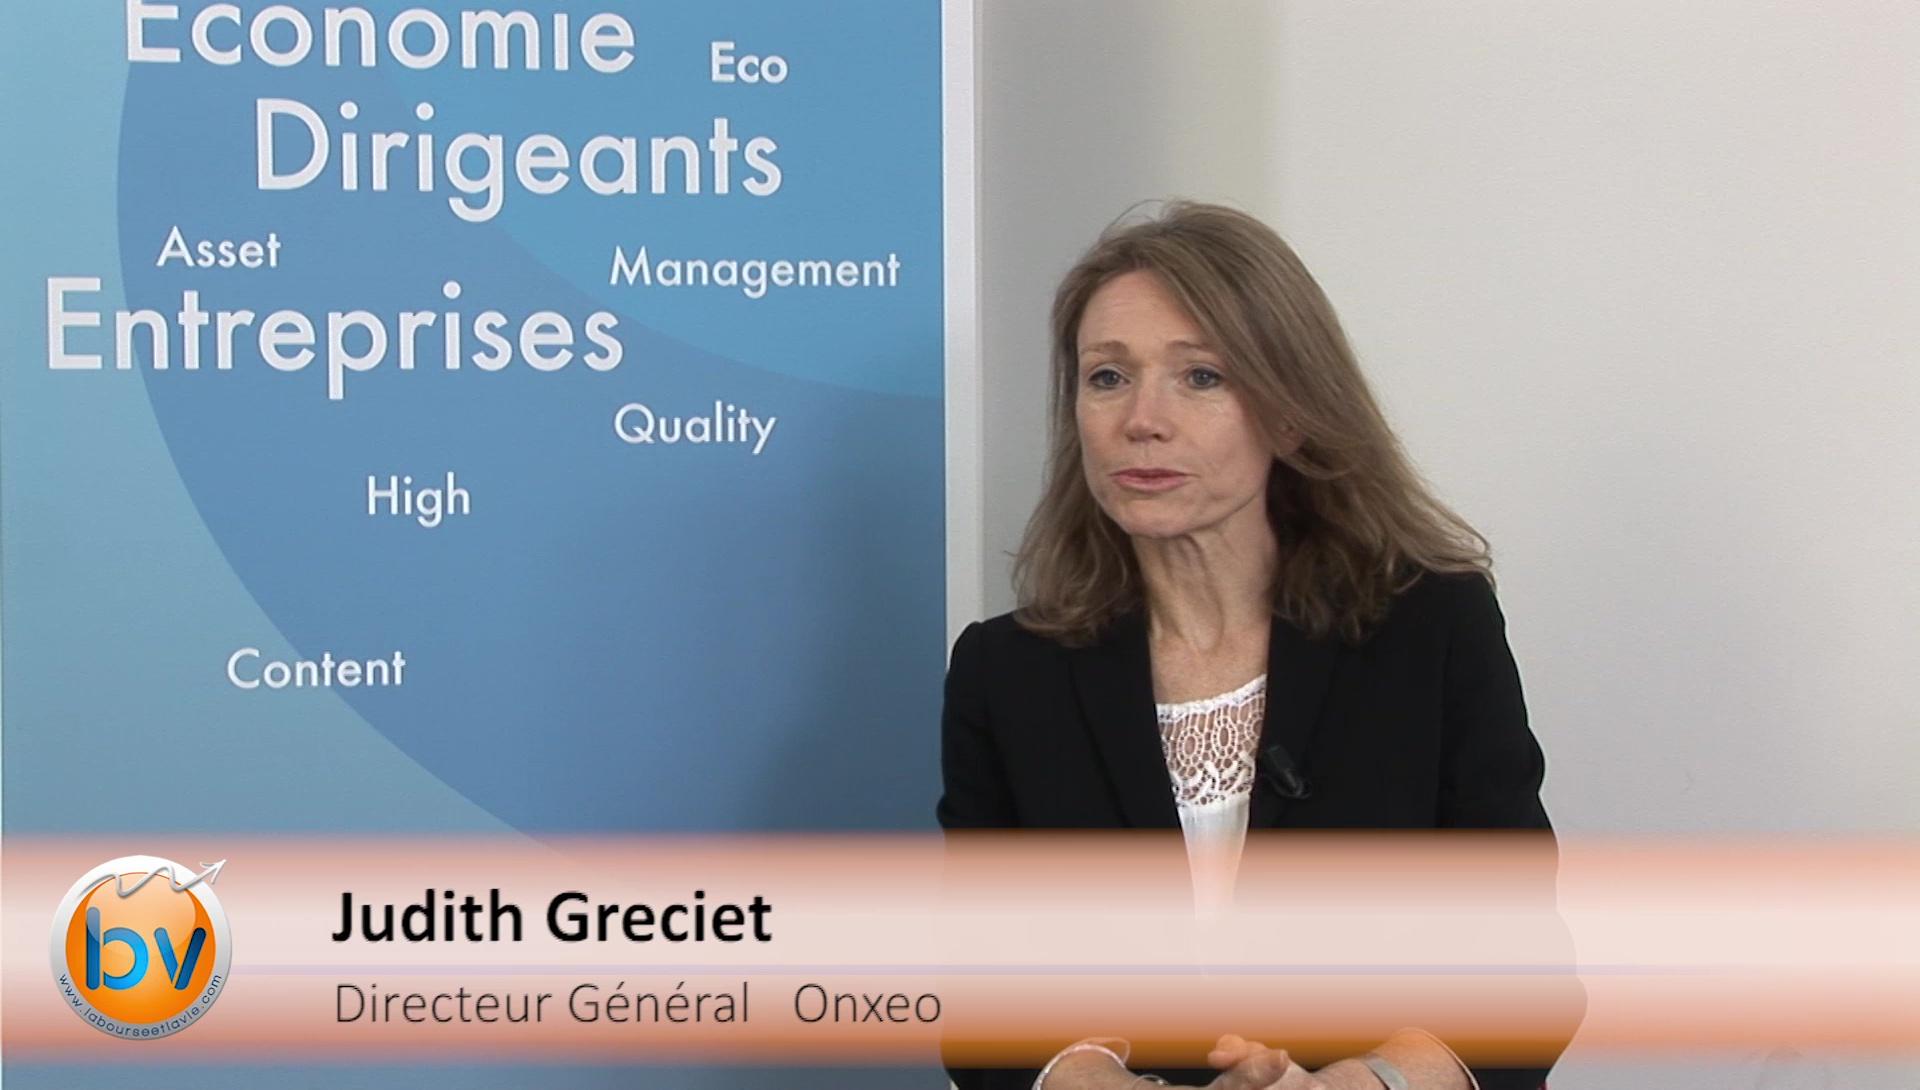 Judith Greciet Directrice Générale Onxeo : «Notre rôle c'est de délivrer une valeur qui in fine sera reconnue par le marché»